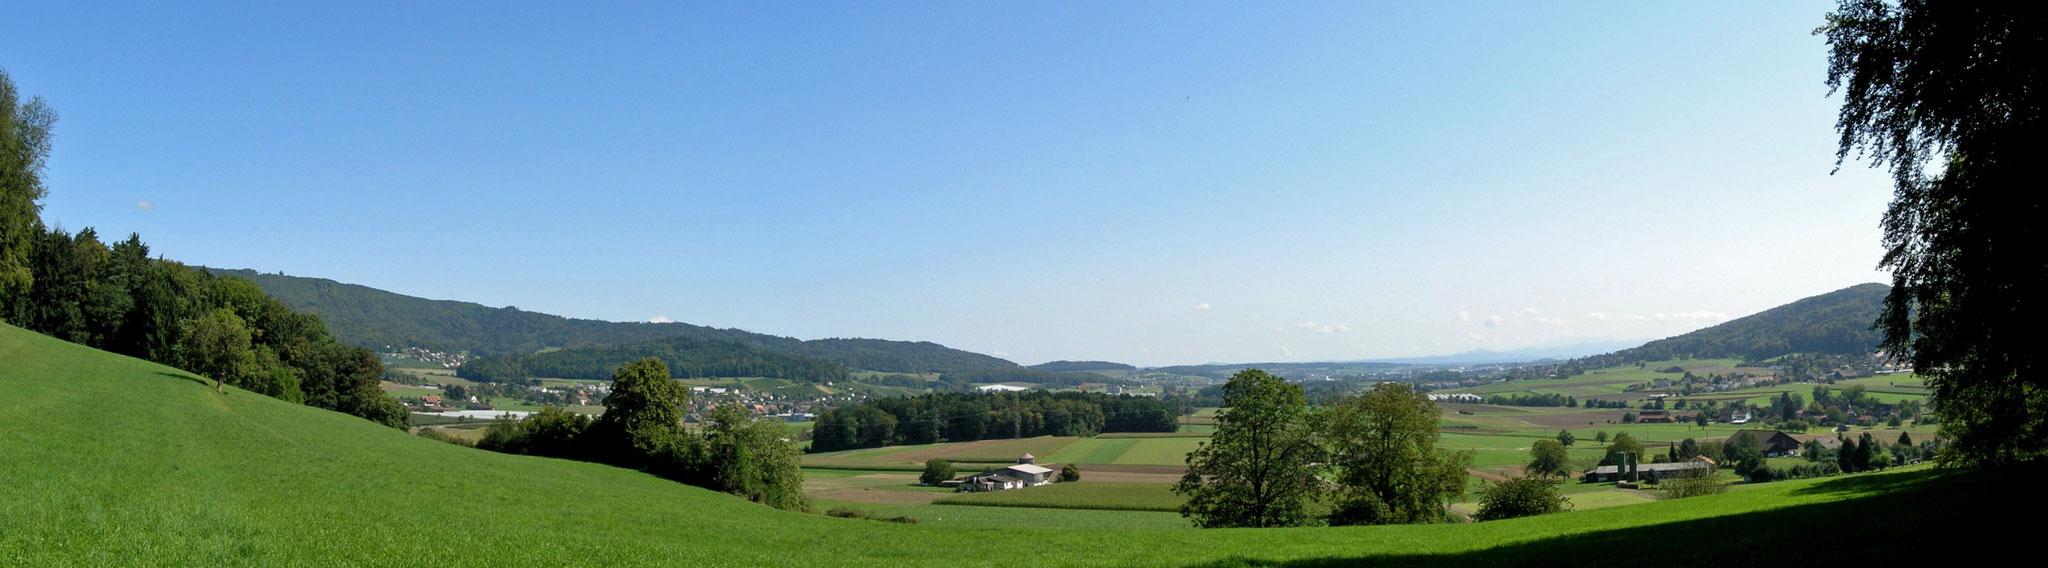 6.9.2009::Blick von Westen ins Furttal